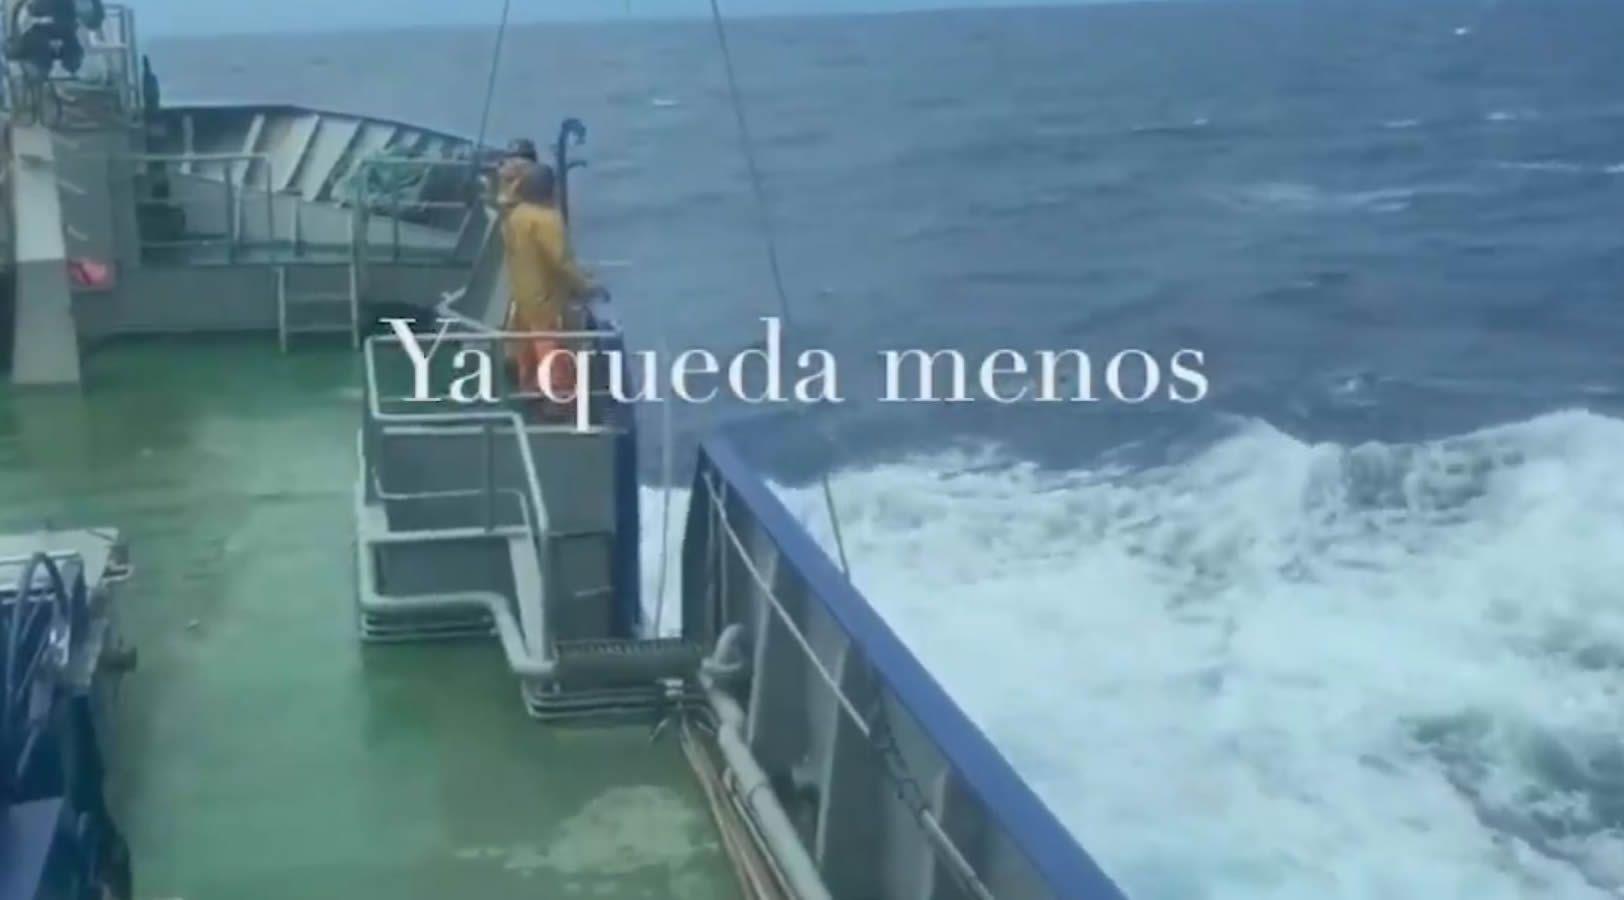 Los héroes de la pesca animan a capear esta tormenta perfecta.Dos ejemplos de empresas del sector naval juntos en Burela: a la izquierda, Varaderos Vibu, con pesqueros en reparación y mantenimiento; y a la derecha, Armón Burela, con buques en construcción